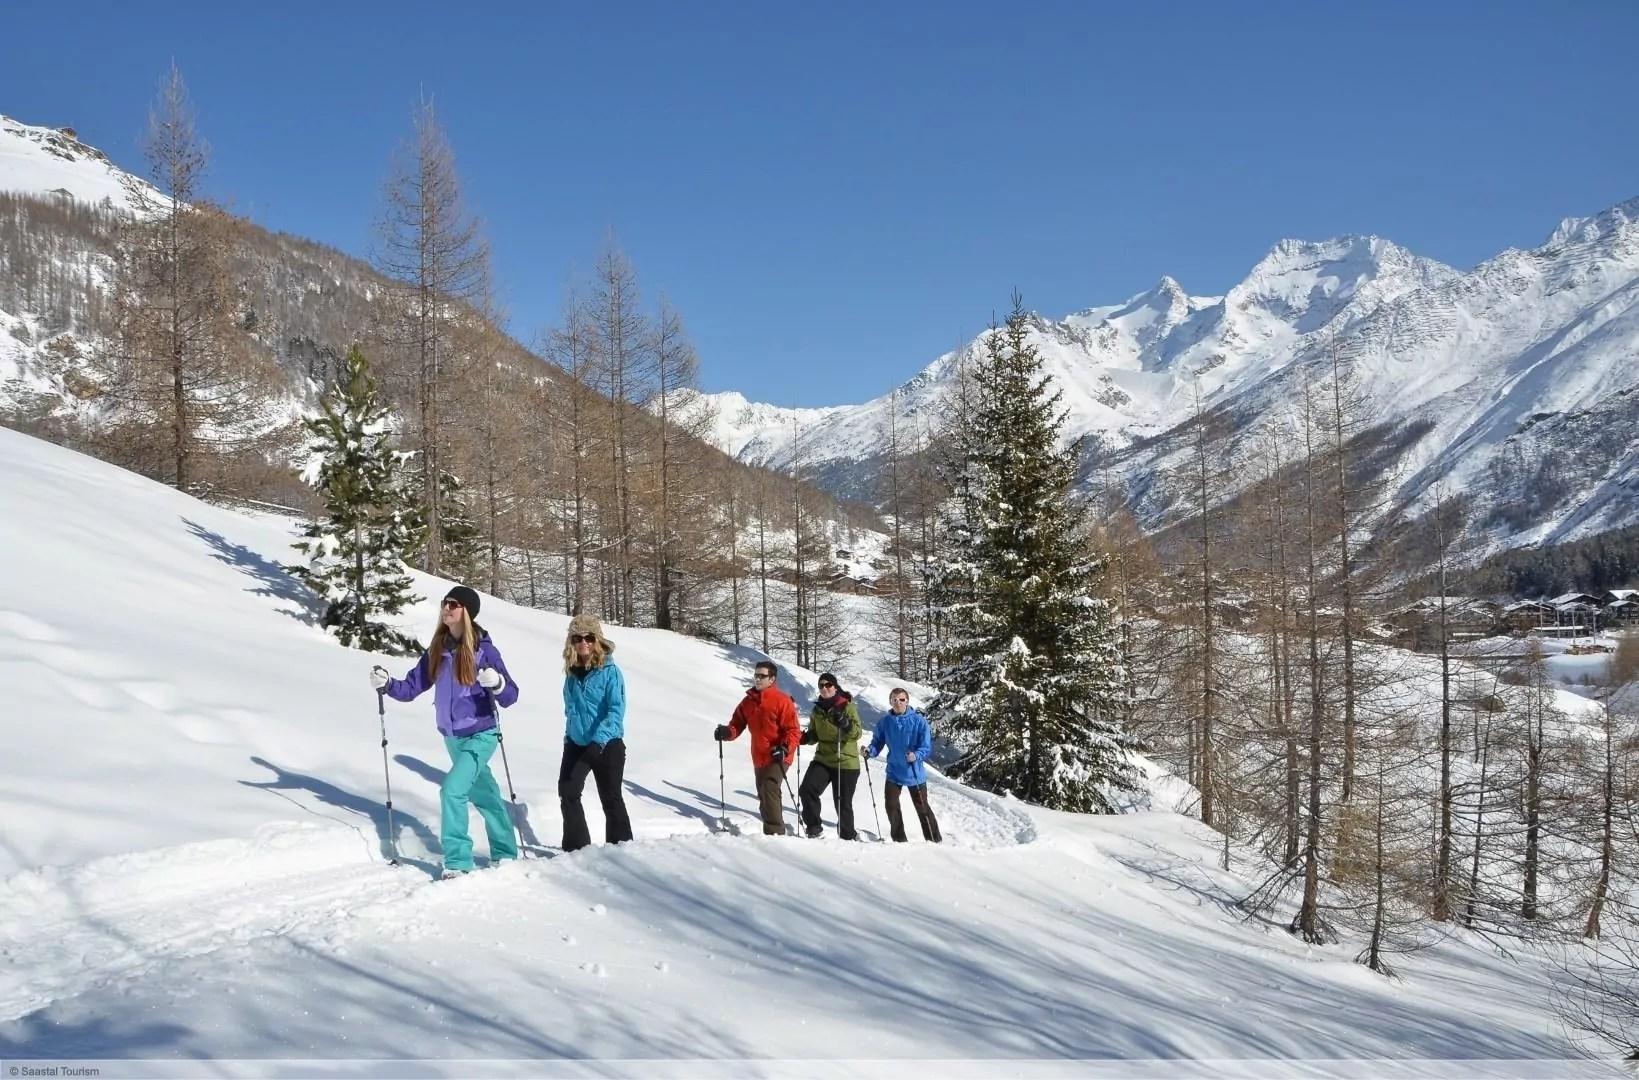 après-ski in Saas-Fee